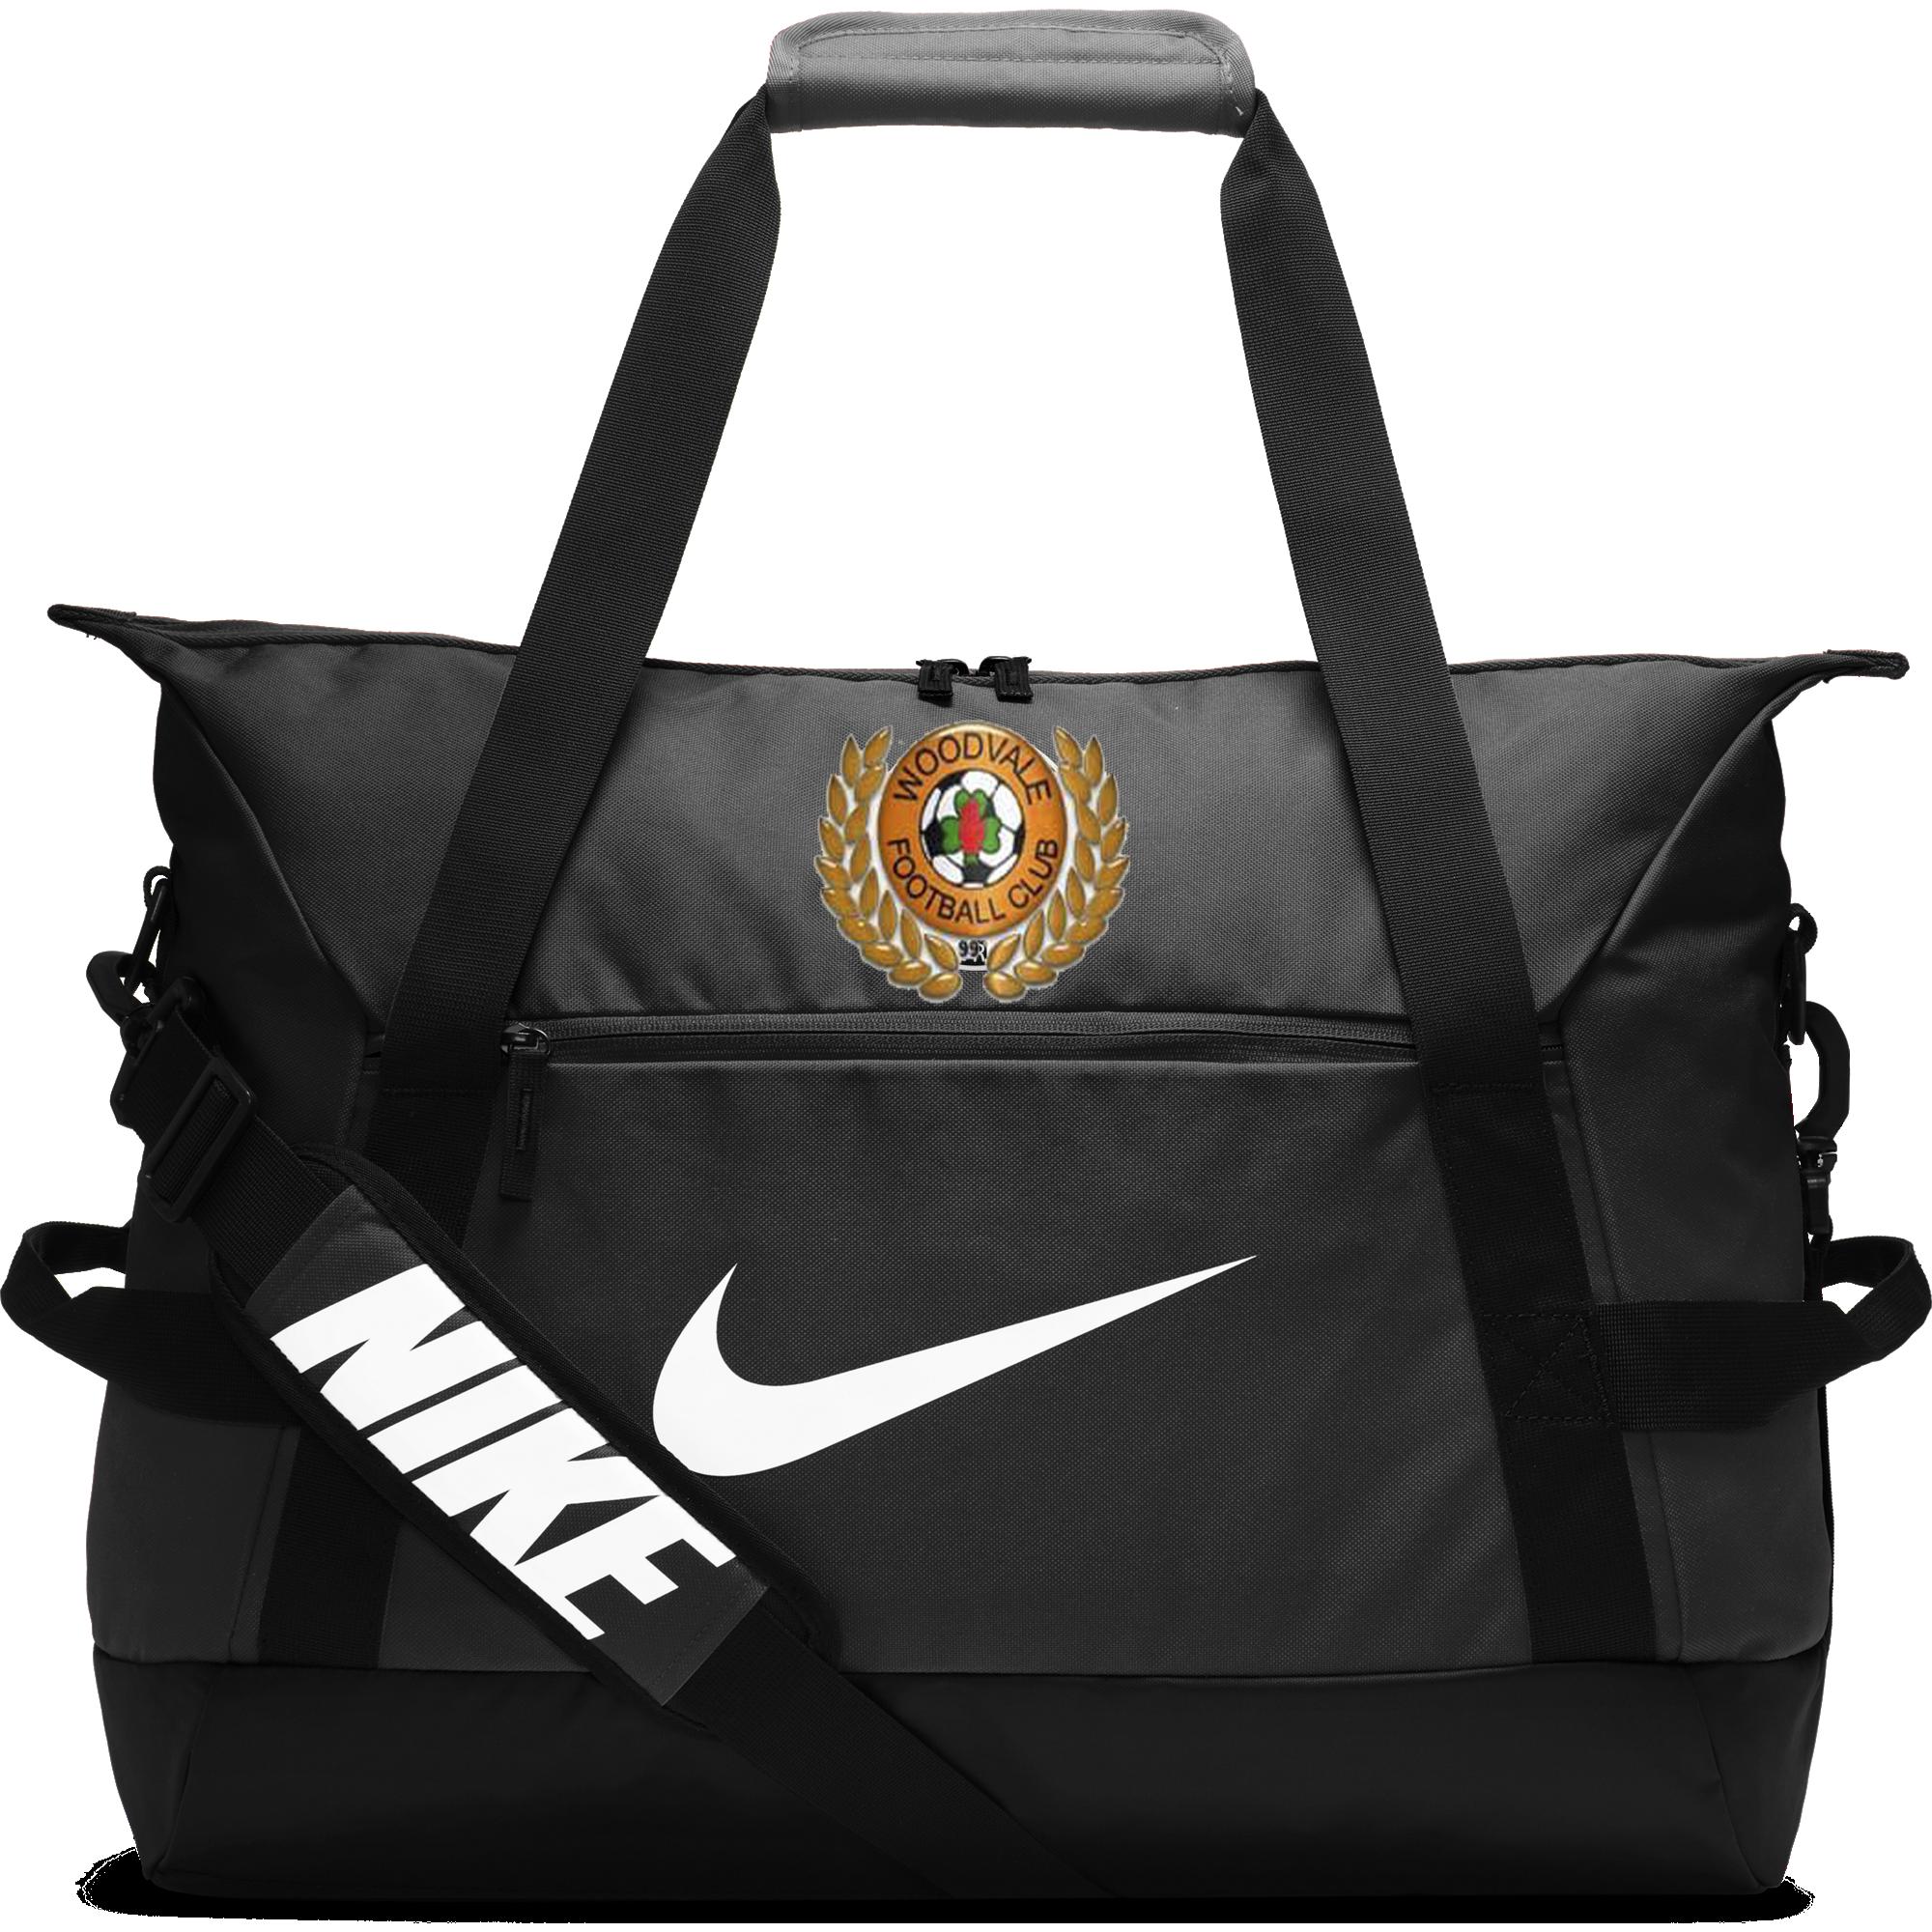 woodvale duffel bag 38970 p